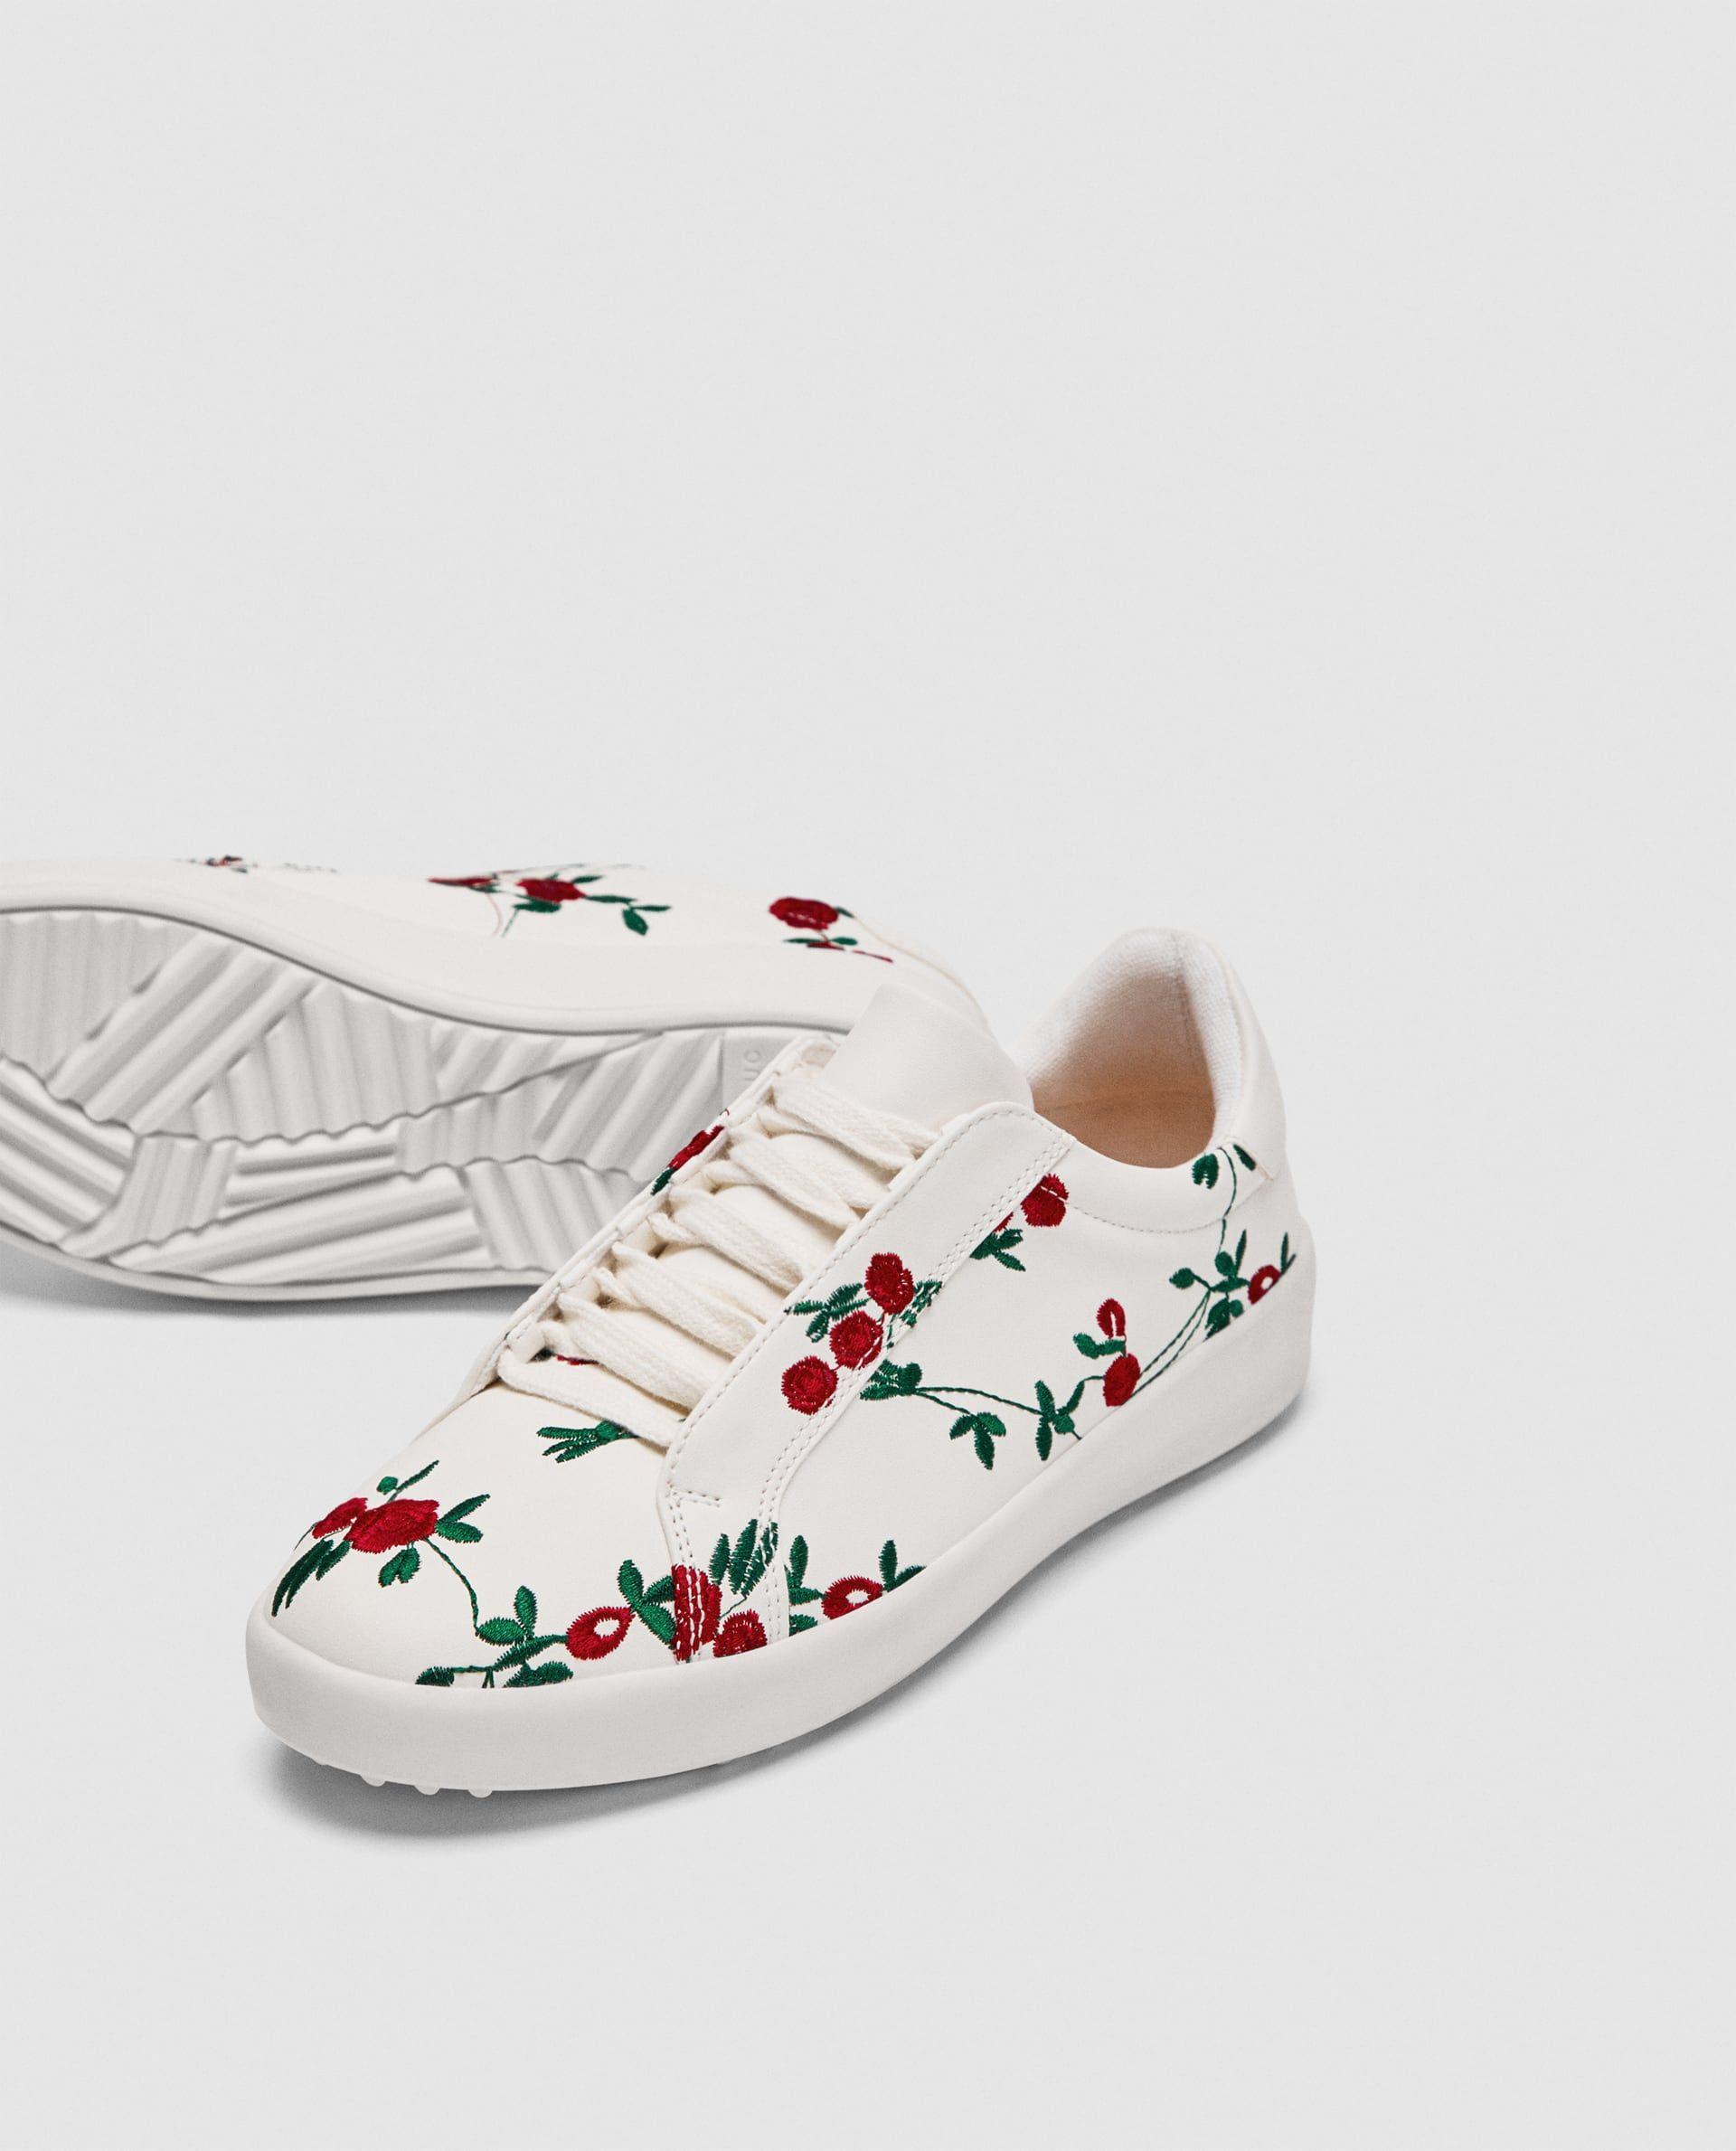 Buty Sportowe W Kwiaty Nice Shoes Winter Shoes Sneakers